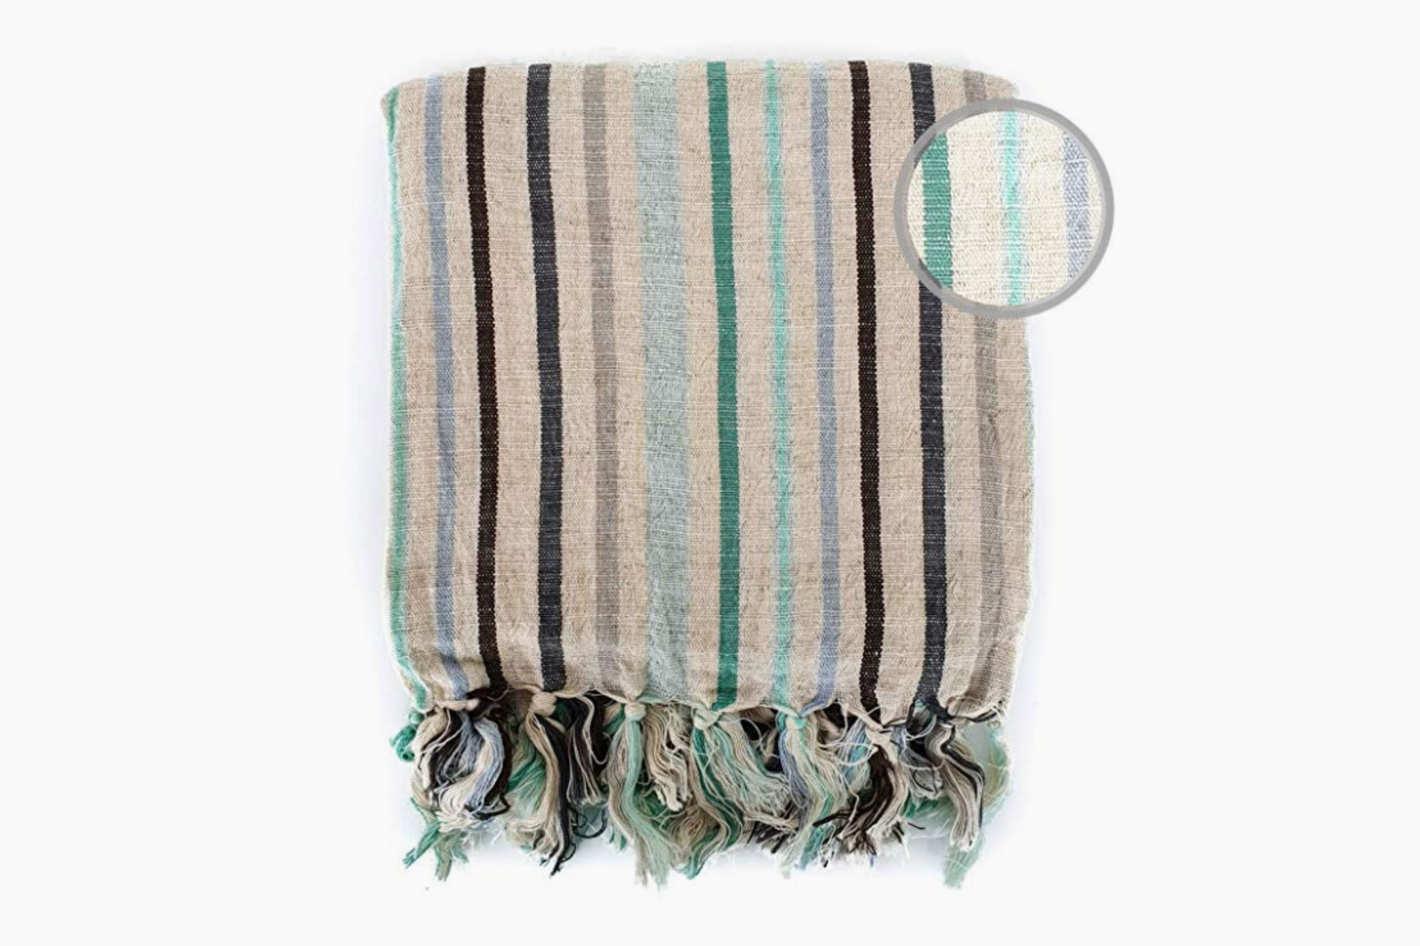 The Loomia Turkish Towel